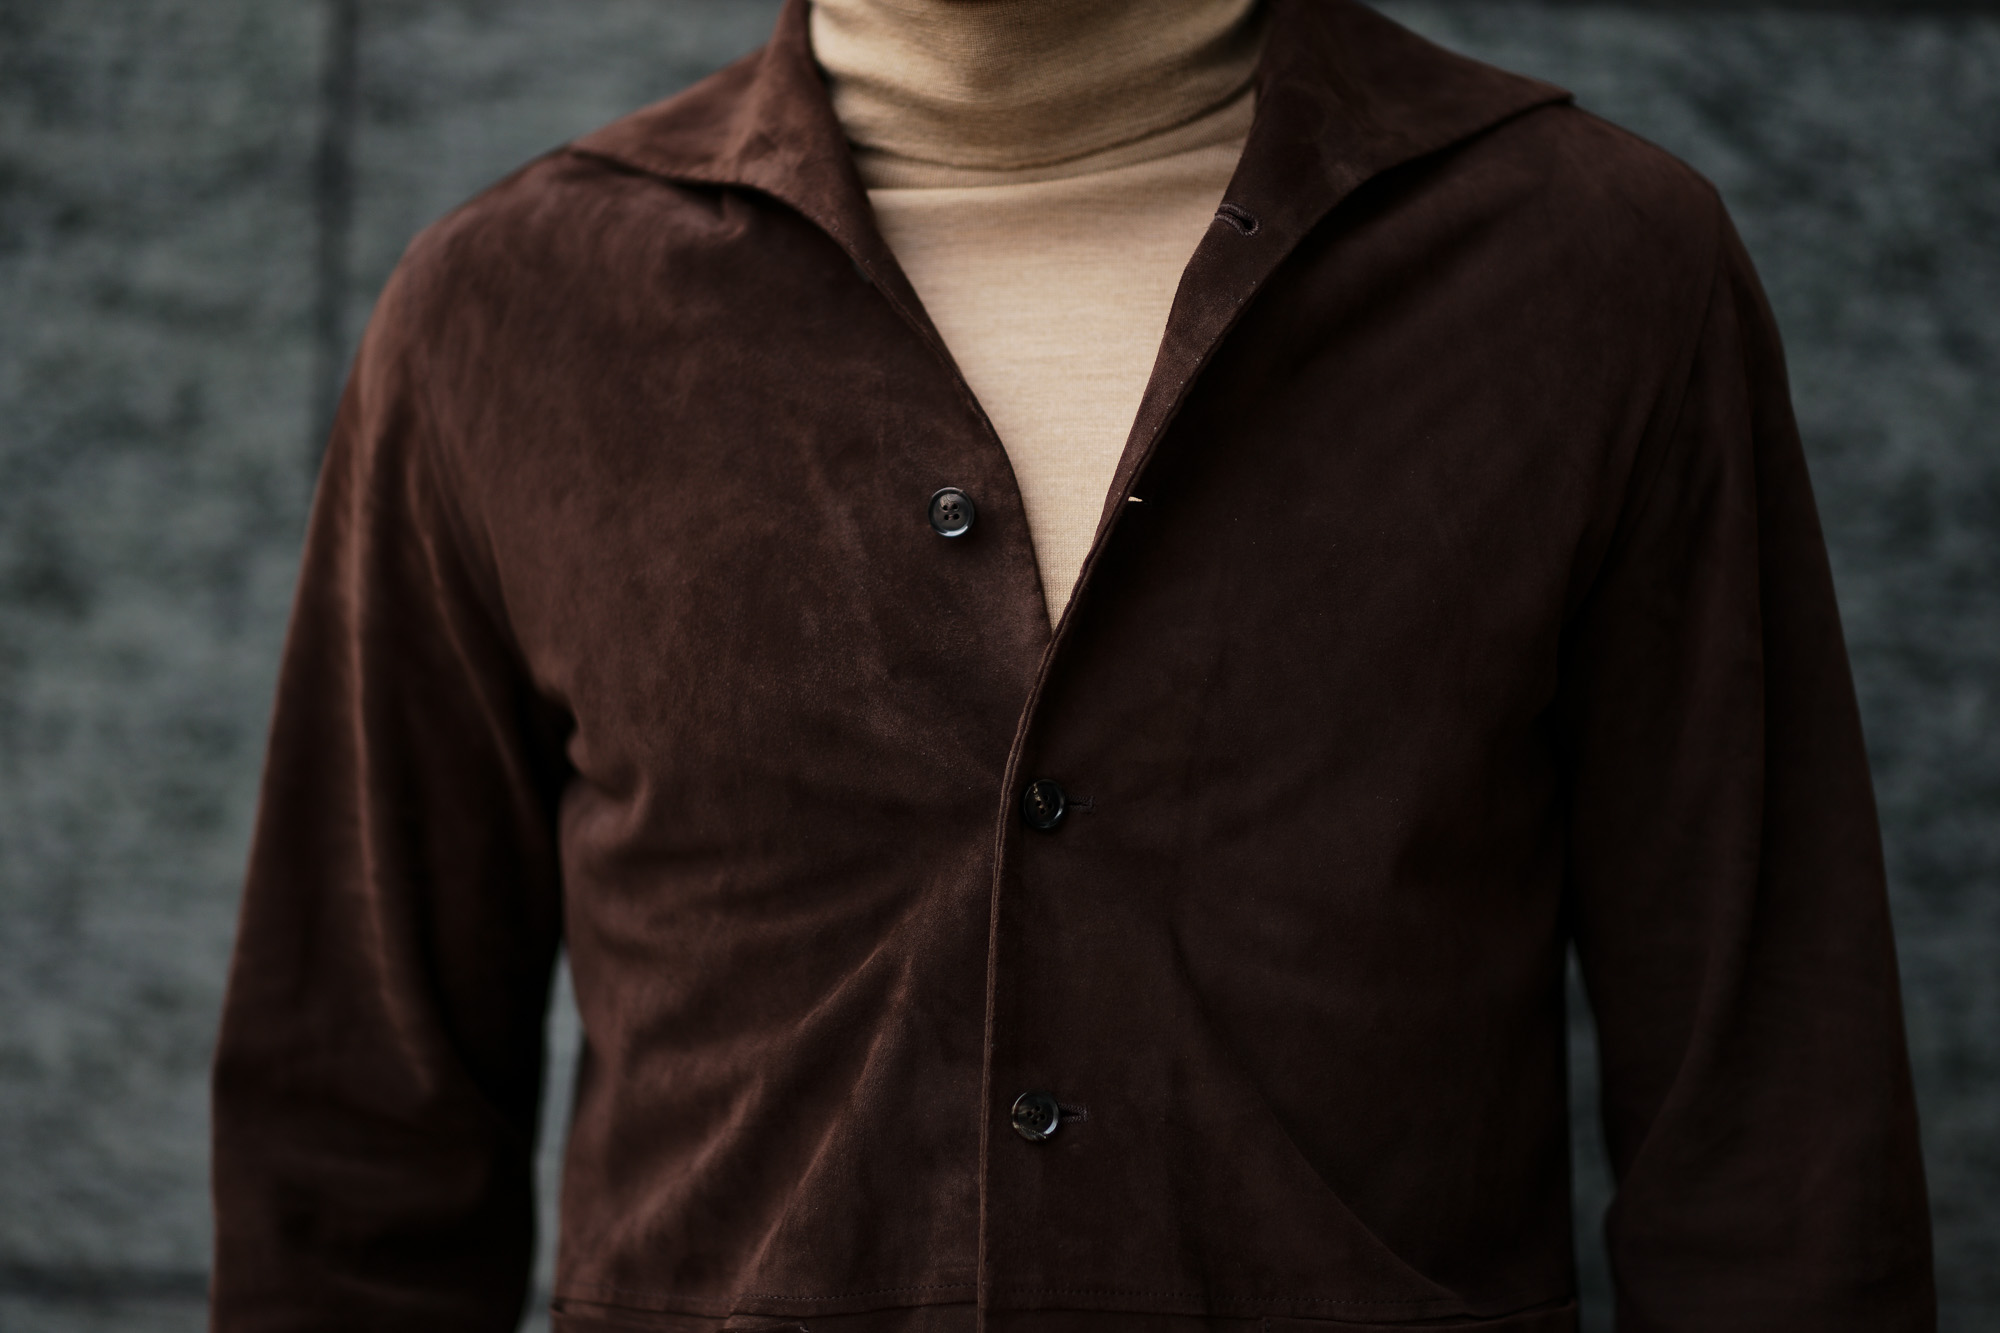 Alfredo Rifugio (アルフレード リフージオ) SS326 CAMOSCIO Summer Suede Leather Shirts サマースウェード レザーシャツ BROWN (ブラウン) made in italy (イタリア製) 2019 春夏 【ご予約受付中】 alfredorifujio アルフレードリフージオ 愛知 名古屋 Alto e Diritto アルト エ デリット alto e diritto アルトエデリット レザージャケット 素肌にレザー 42,44,46,48,50,52